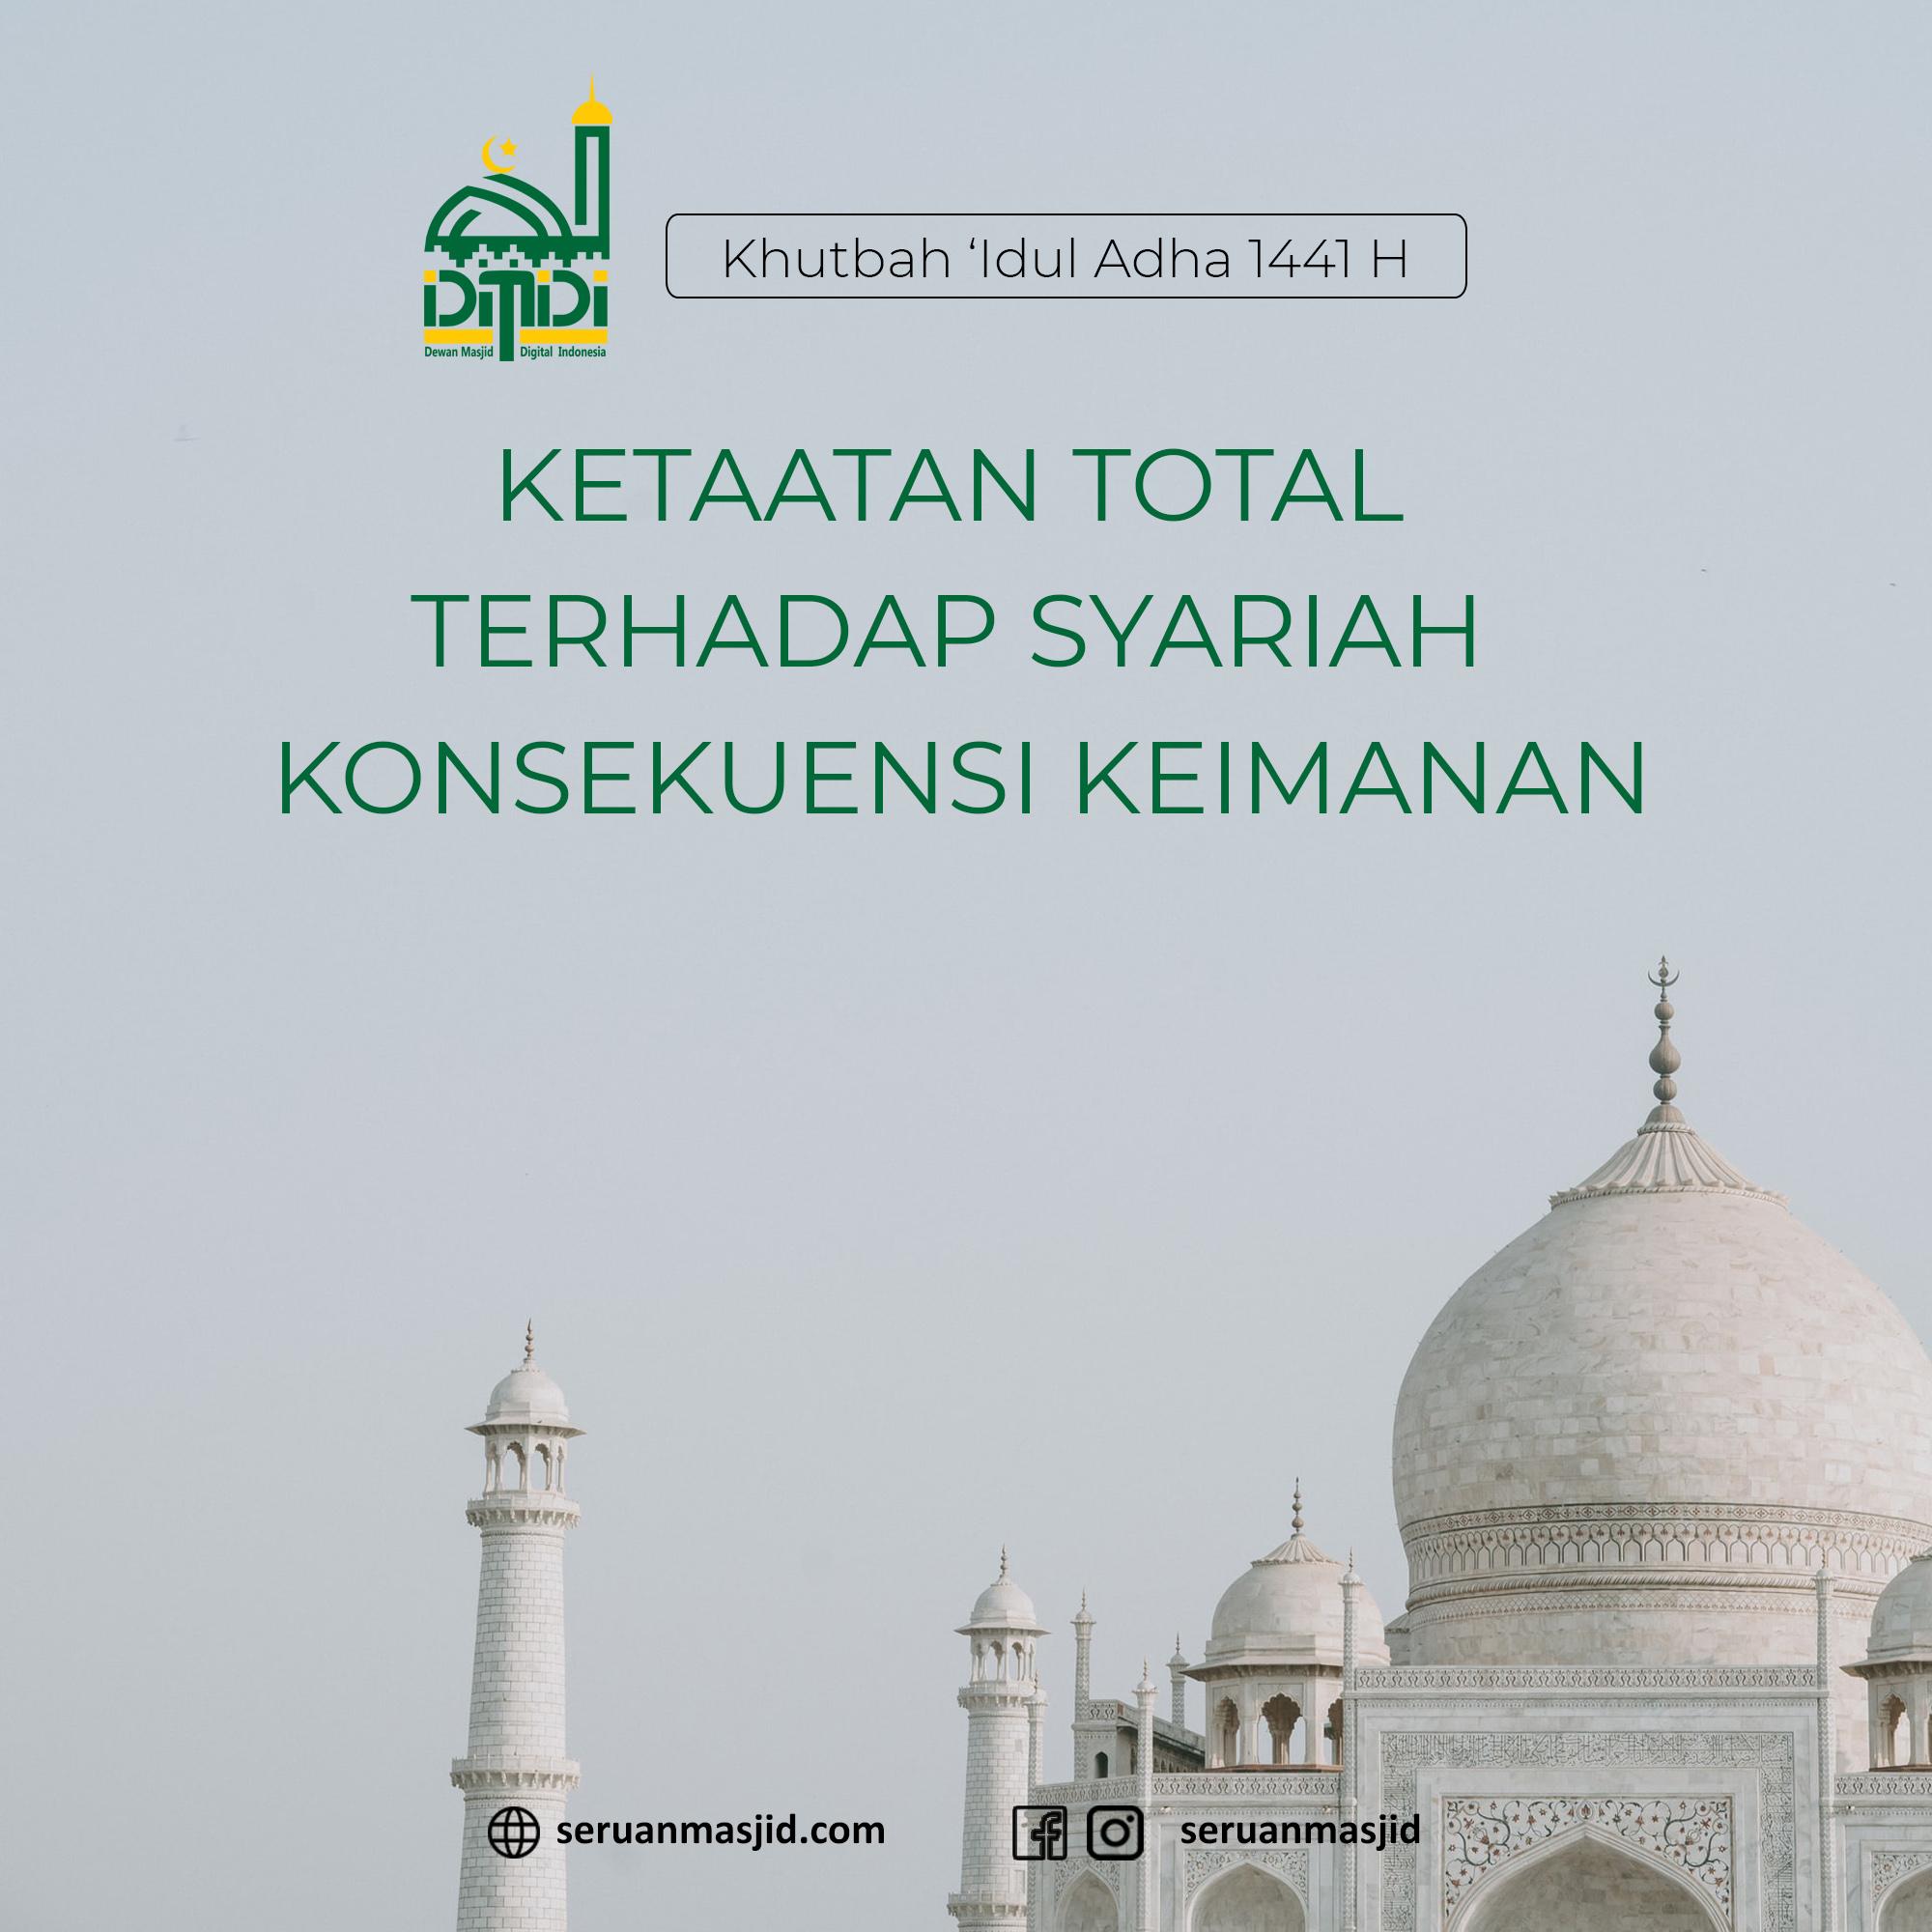 Naskah-Khutbah-Idul-Adha-Ketaatan-Total-Terhadap-Syariah-Konsekuensi-Keimanan-Dewan-Masjid-Digital-Indonesia-Seruan-Masjid